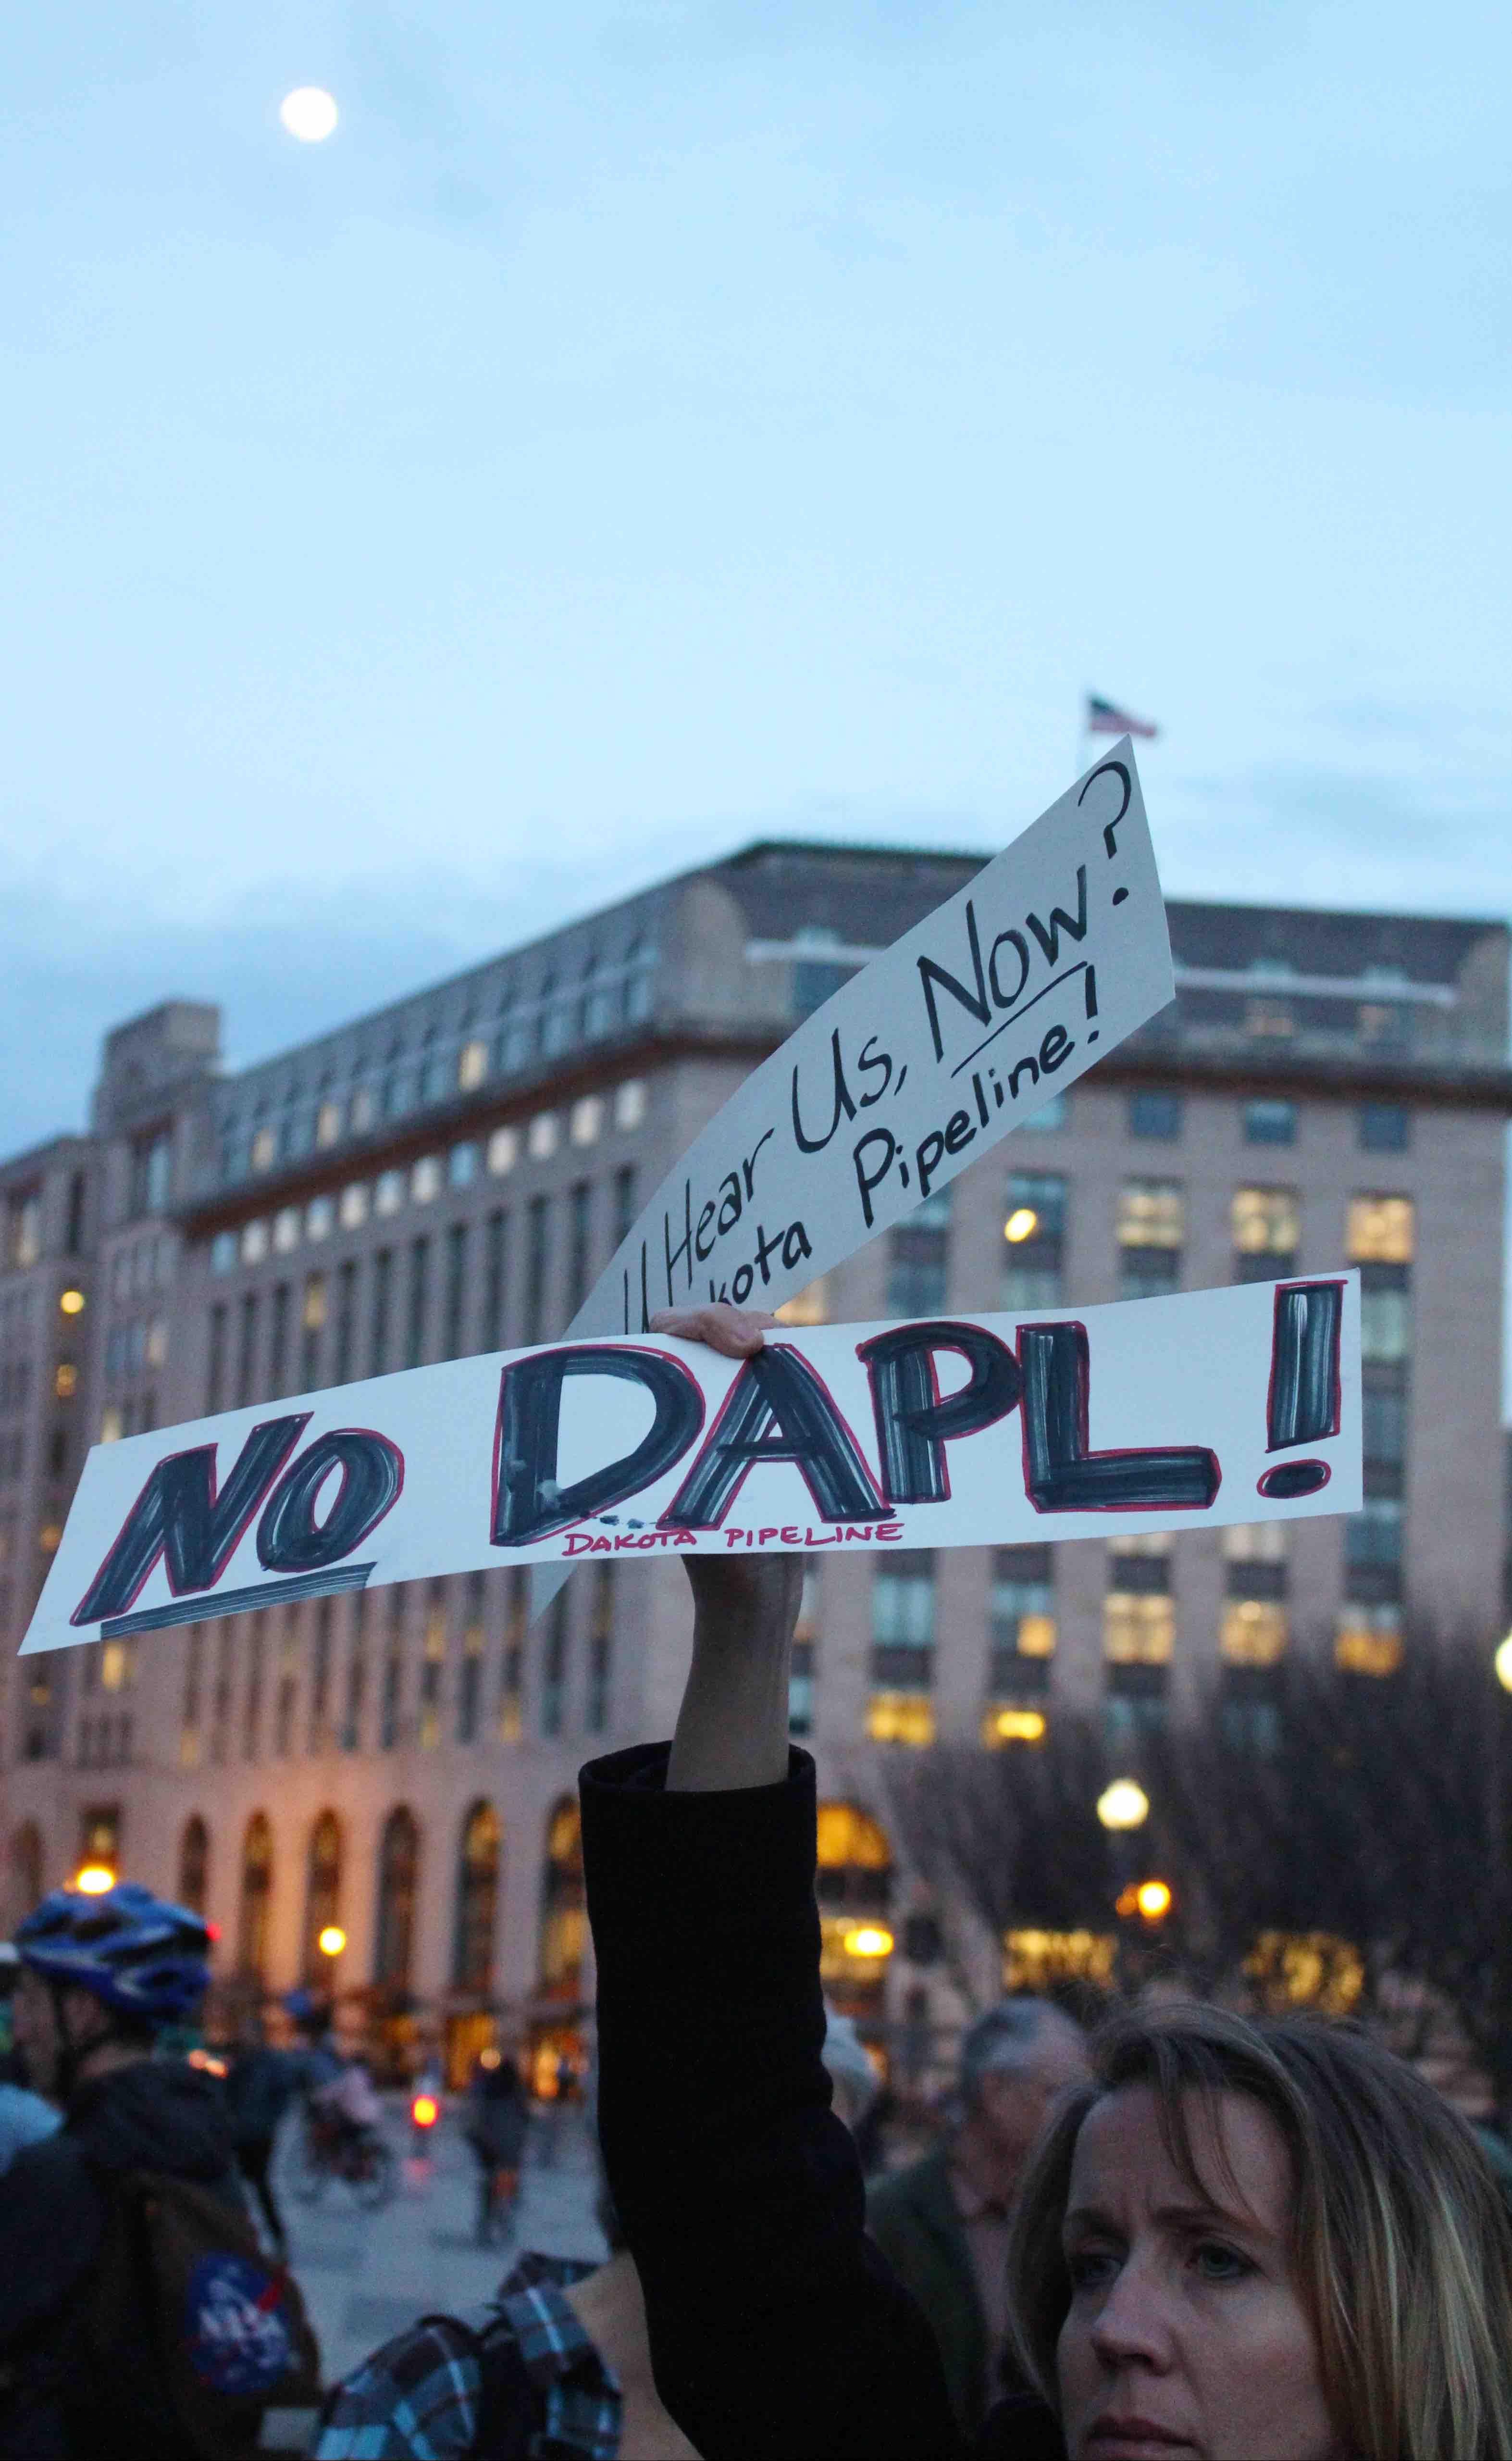 protest against DAPL the dakota access pipeline